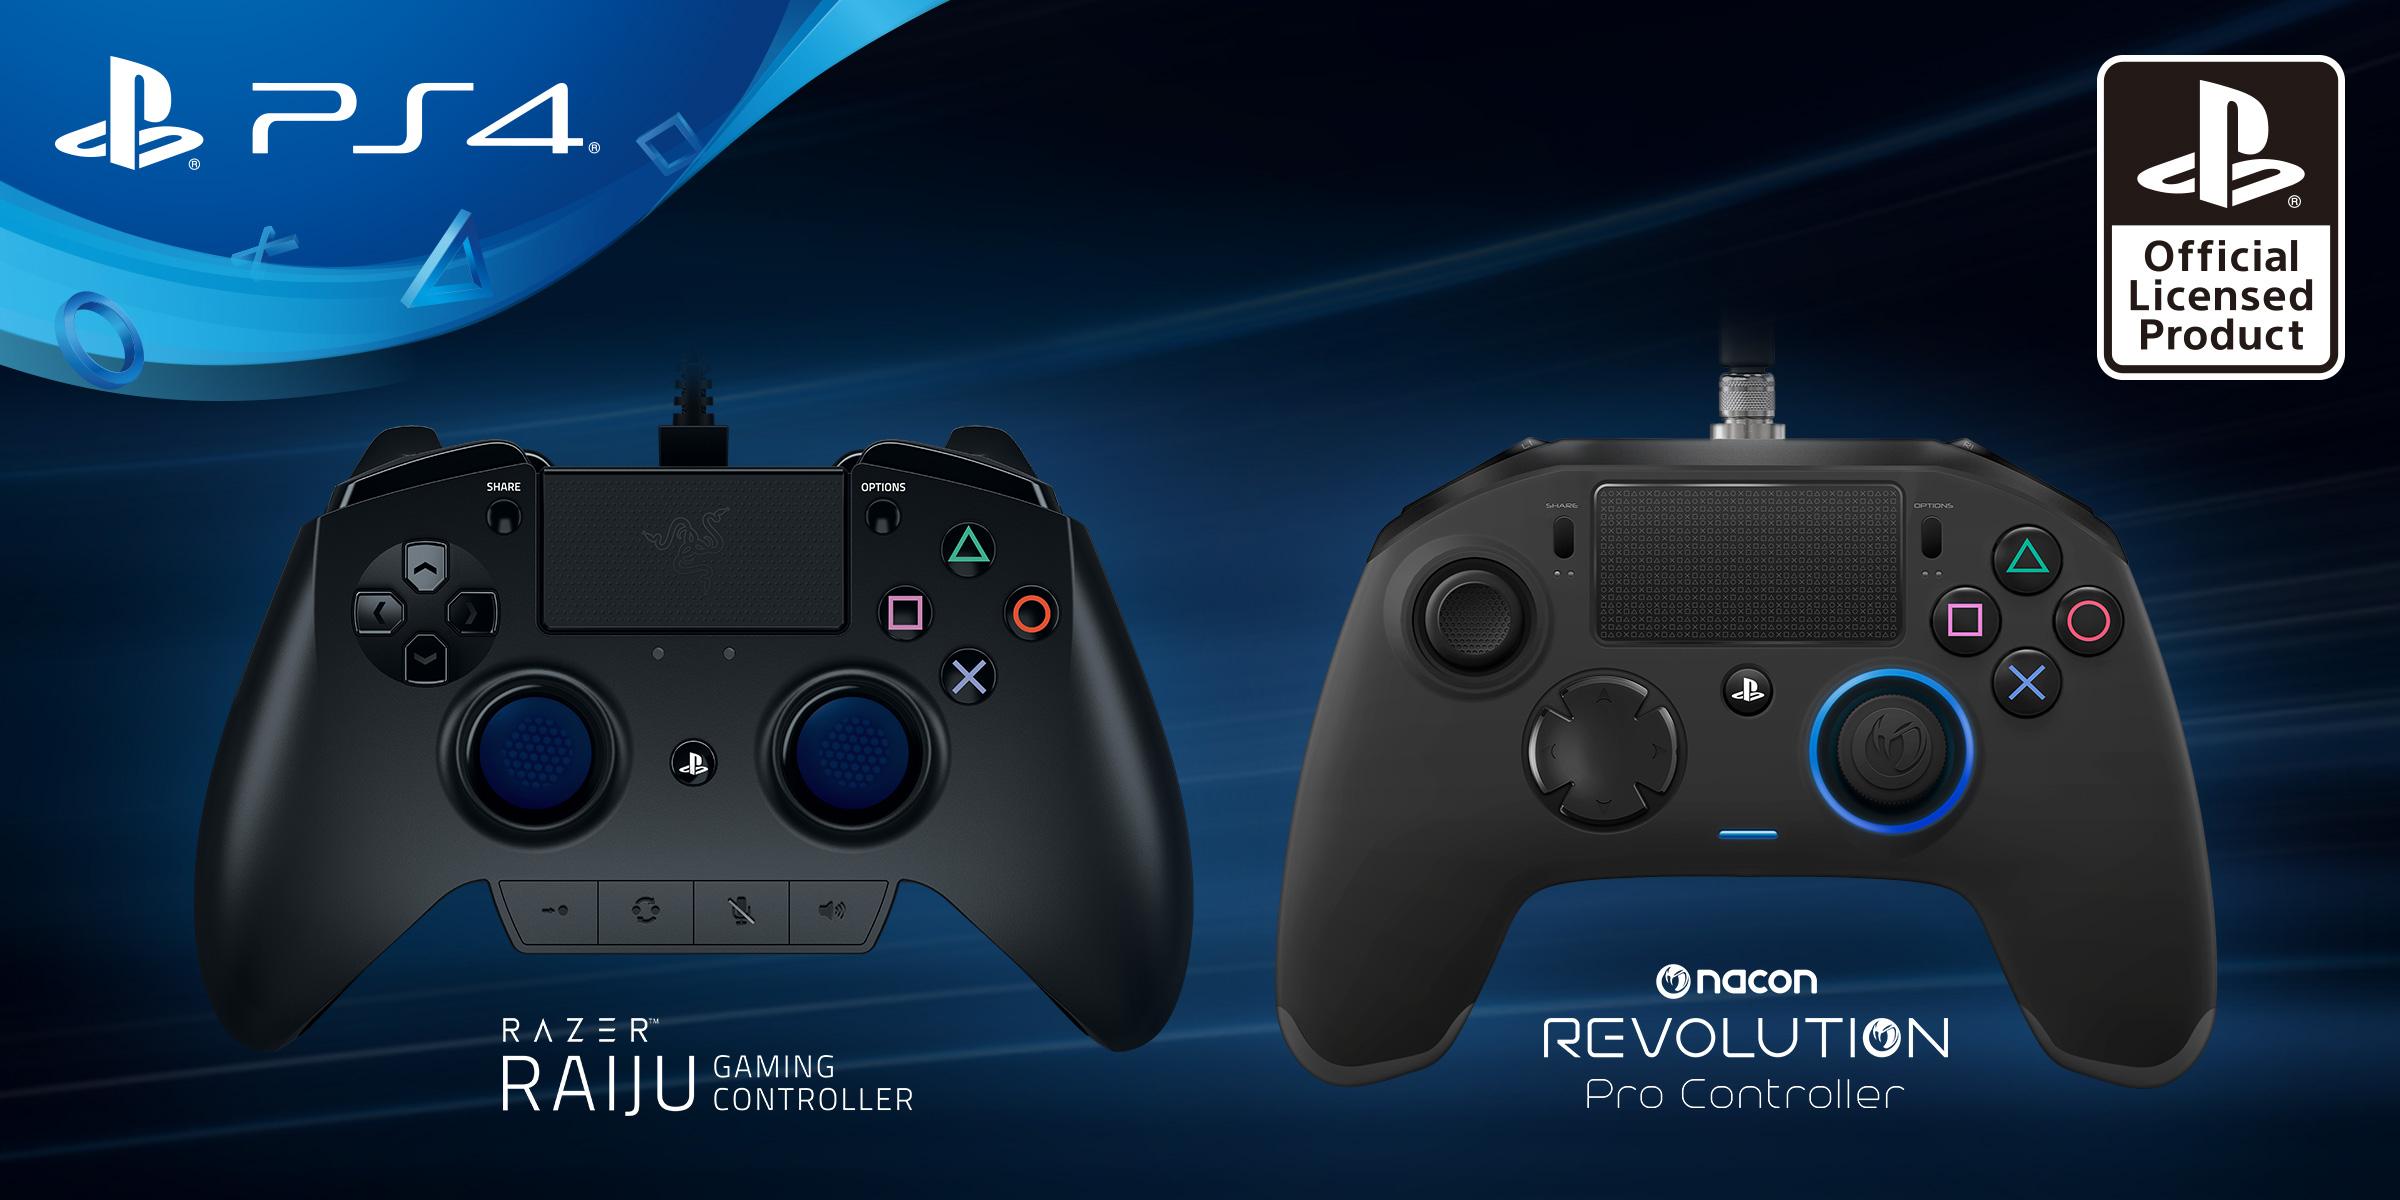 Für die Playstation 4 gibt es jetzt Pro-Gamer-Controller